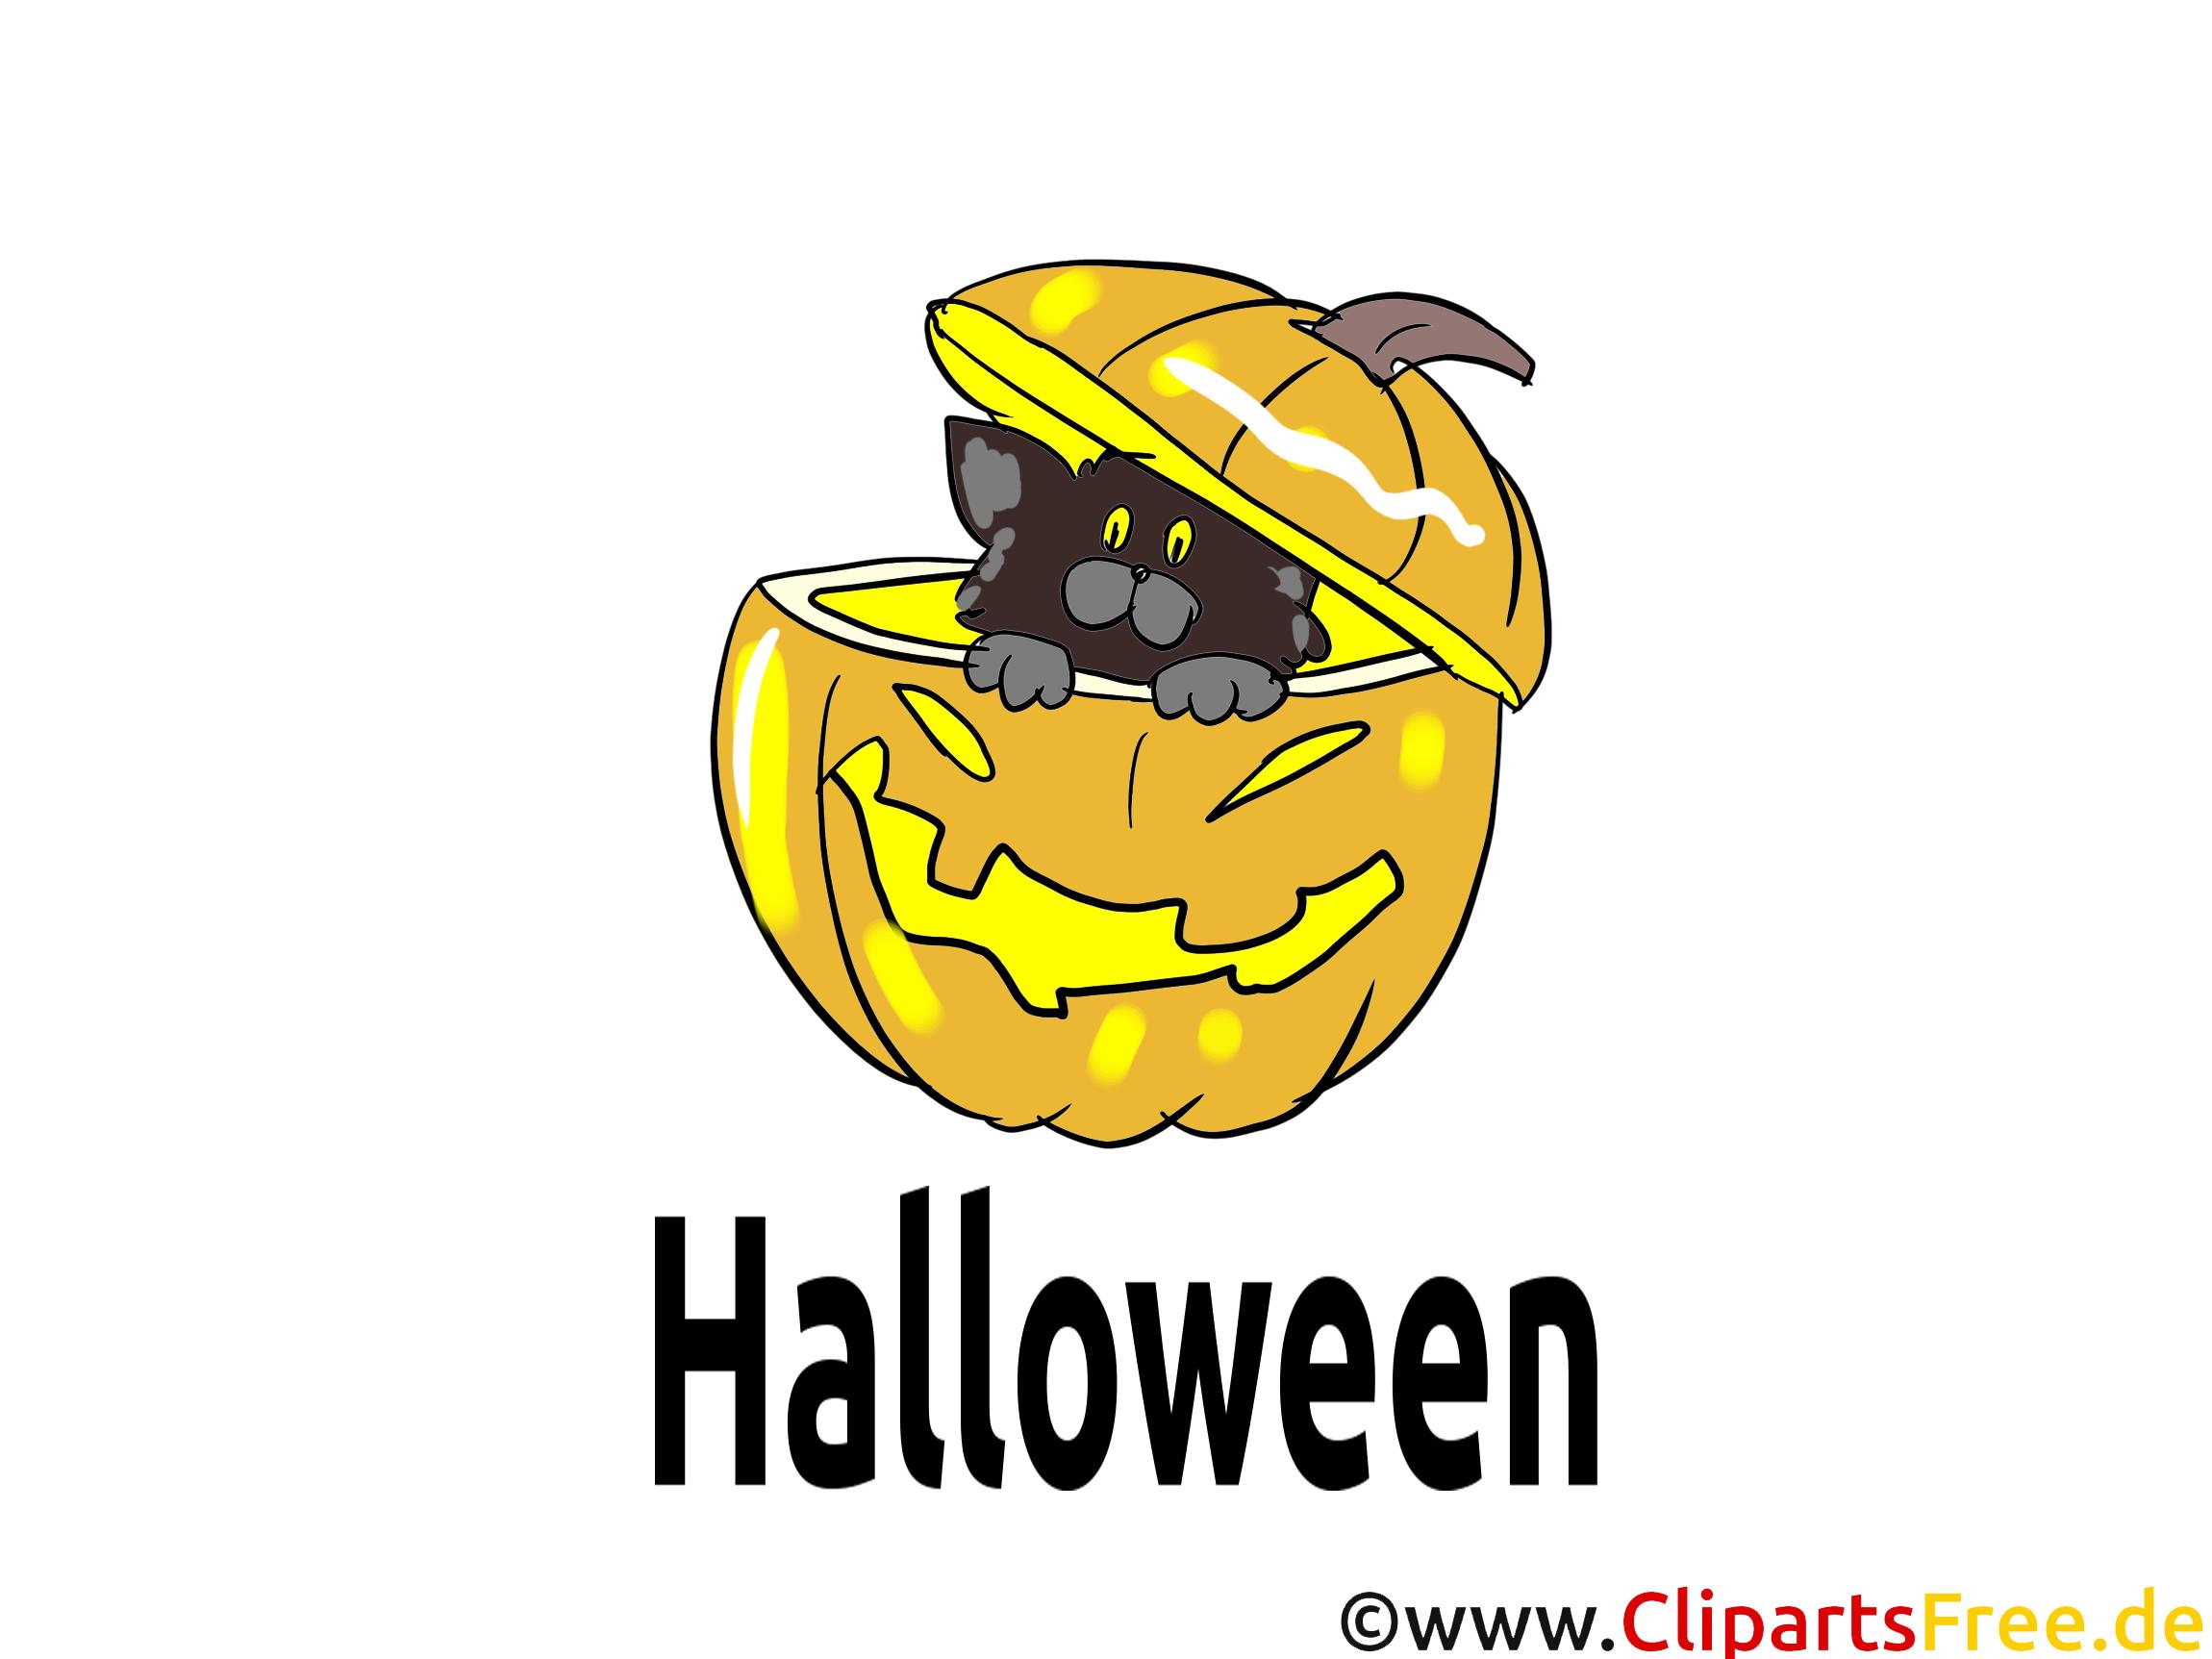 Lustiges Bild zu Halloween - Cliparts, Bilder, Grusskarten, Vorlagen für Einladungen